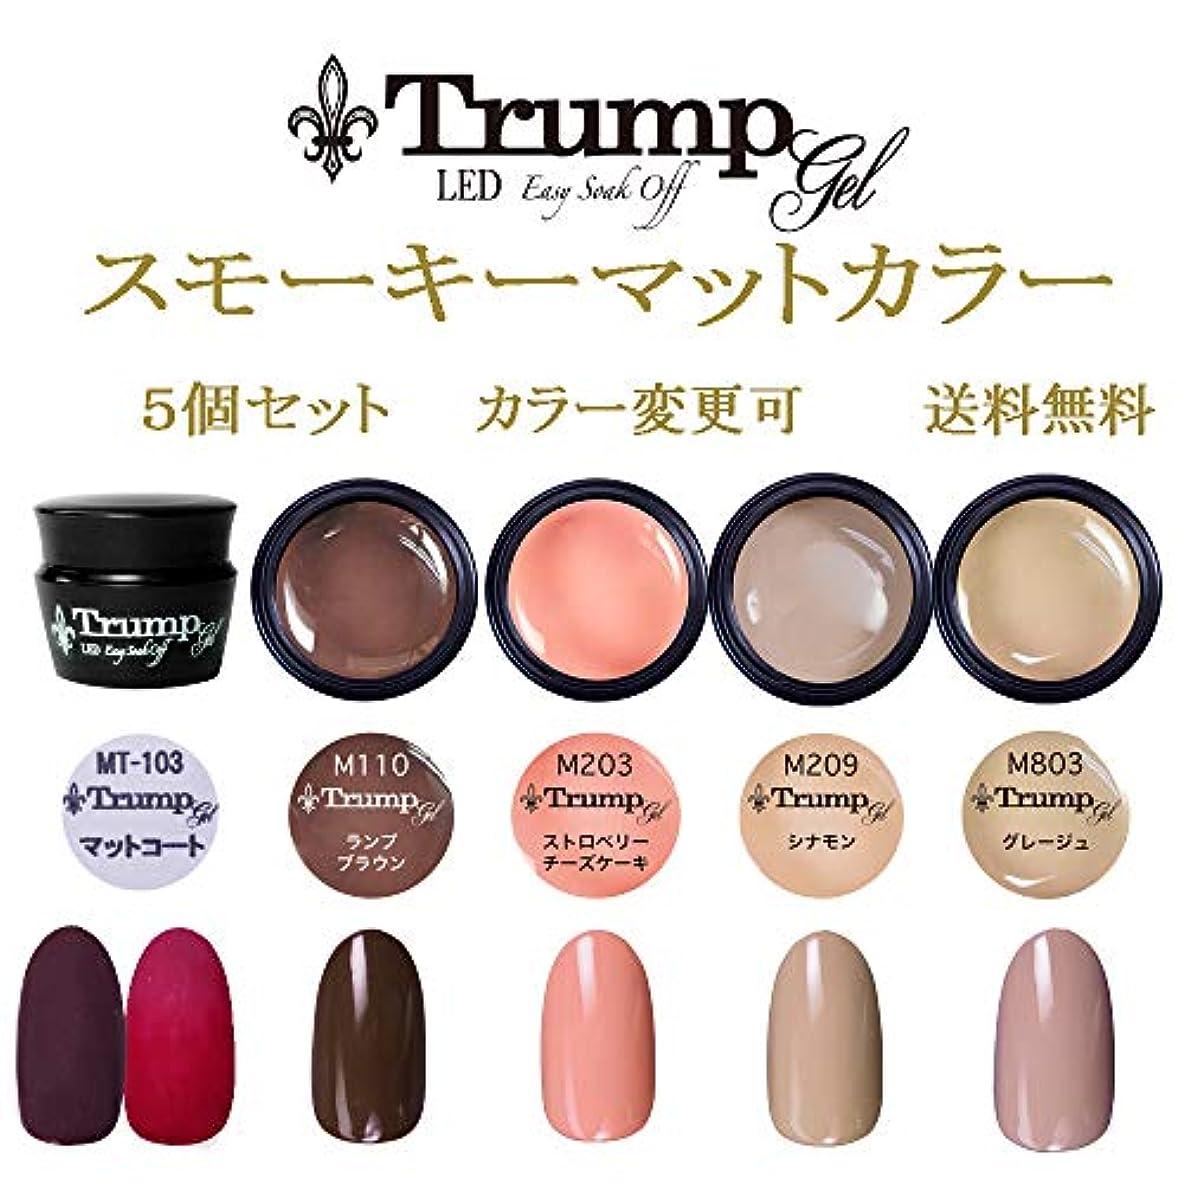 に対応振り返るバトル【送料無料】日本製 Trump gel トランプジェル スモーキーマット カラージェル 5個セット 魅惑のフロストマットトップとマットに合う人気カラーをチョイス